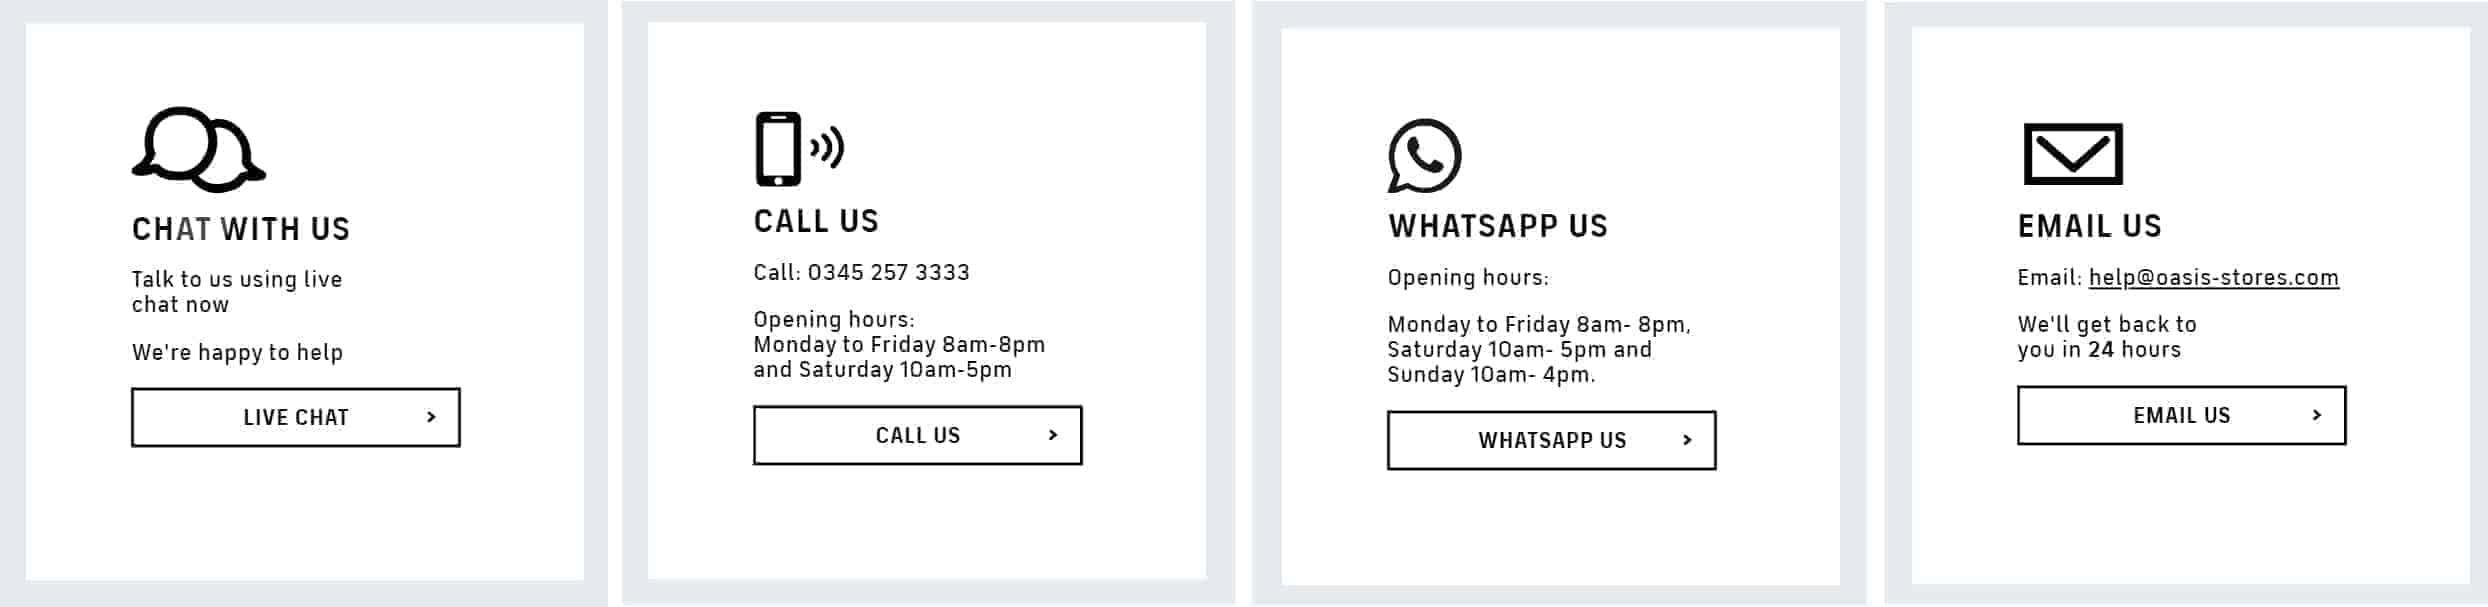 Omnichannel strategy Whatsapp